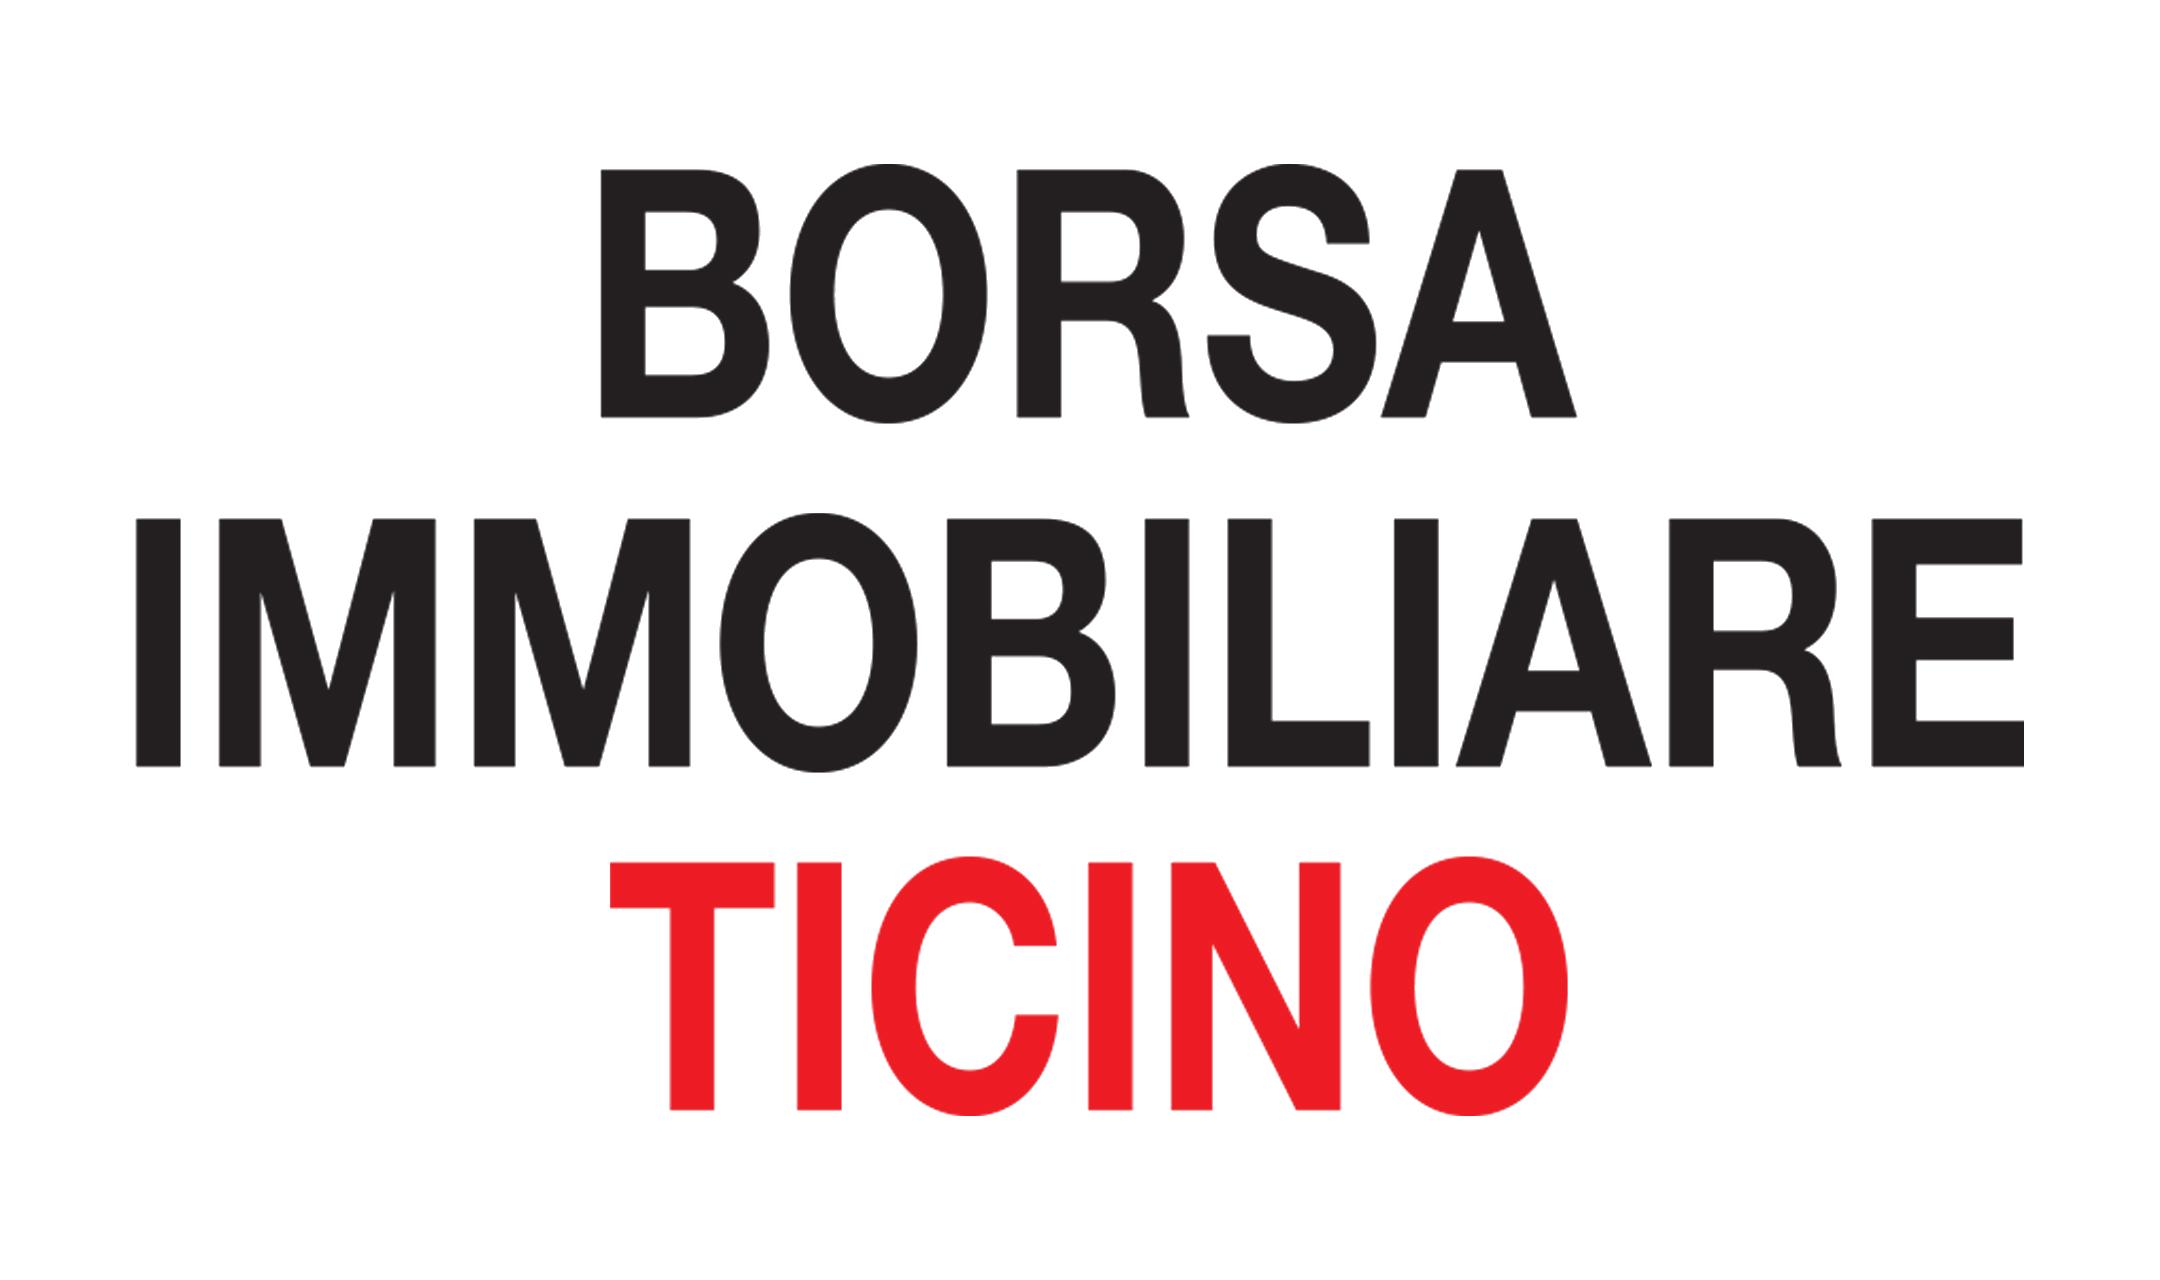 Borsa Immobiliare Ticino